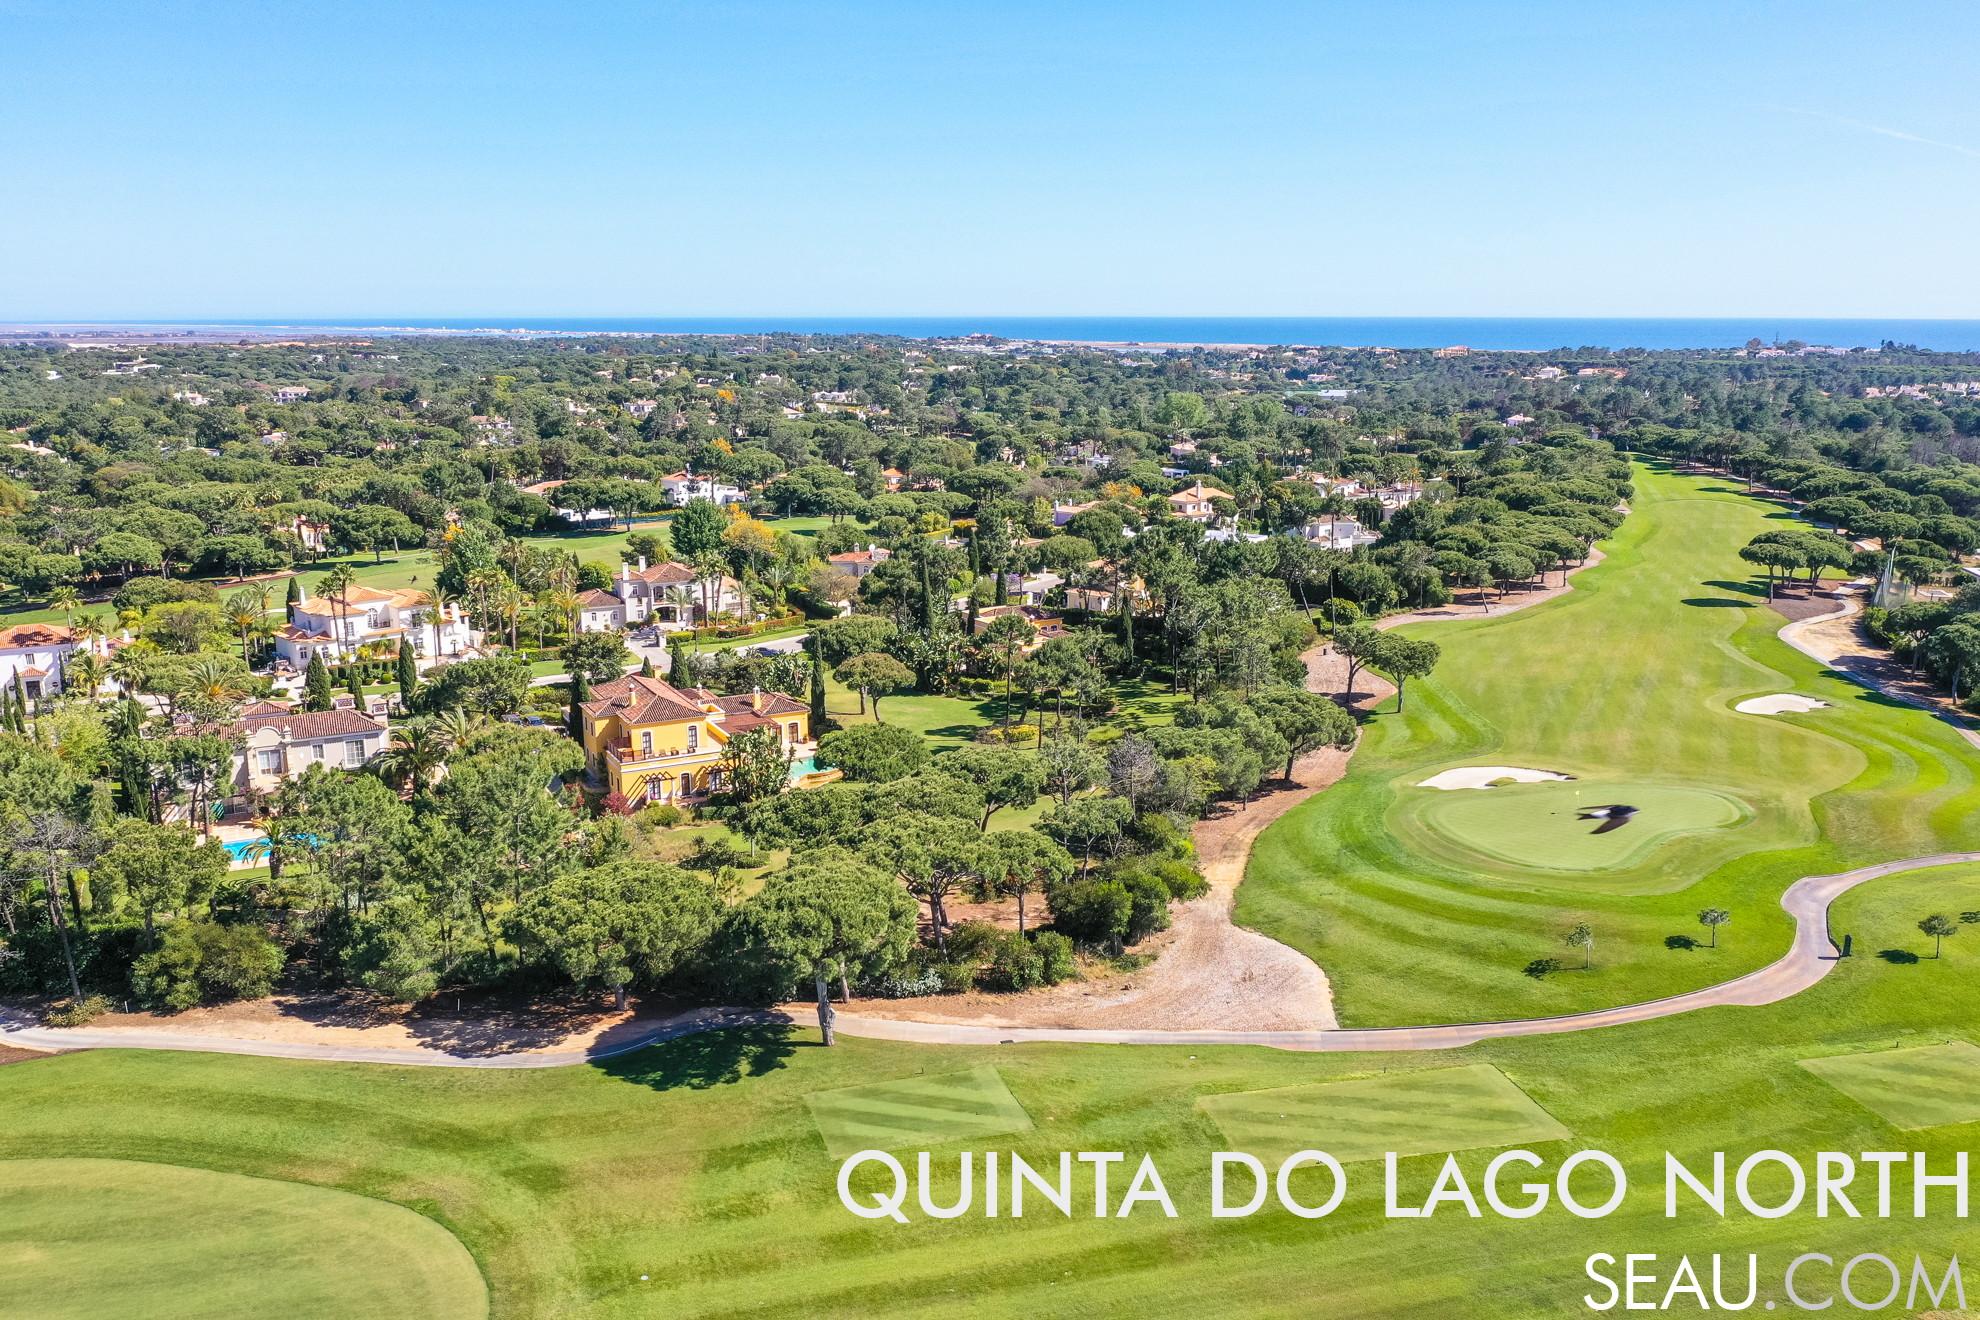 Quinta do Lago Norte é a zona compreendida entre a entrada do resort e a 4ª rotunda. É conhecida por ser a zona de moradias com maior transquilidade perto dos golfs.